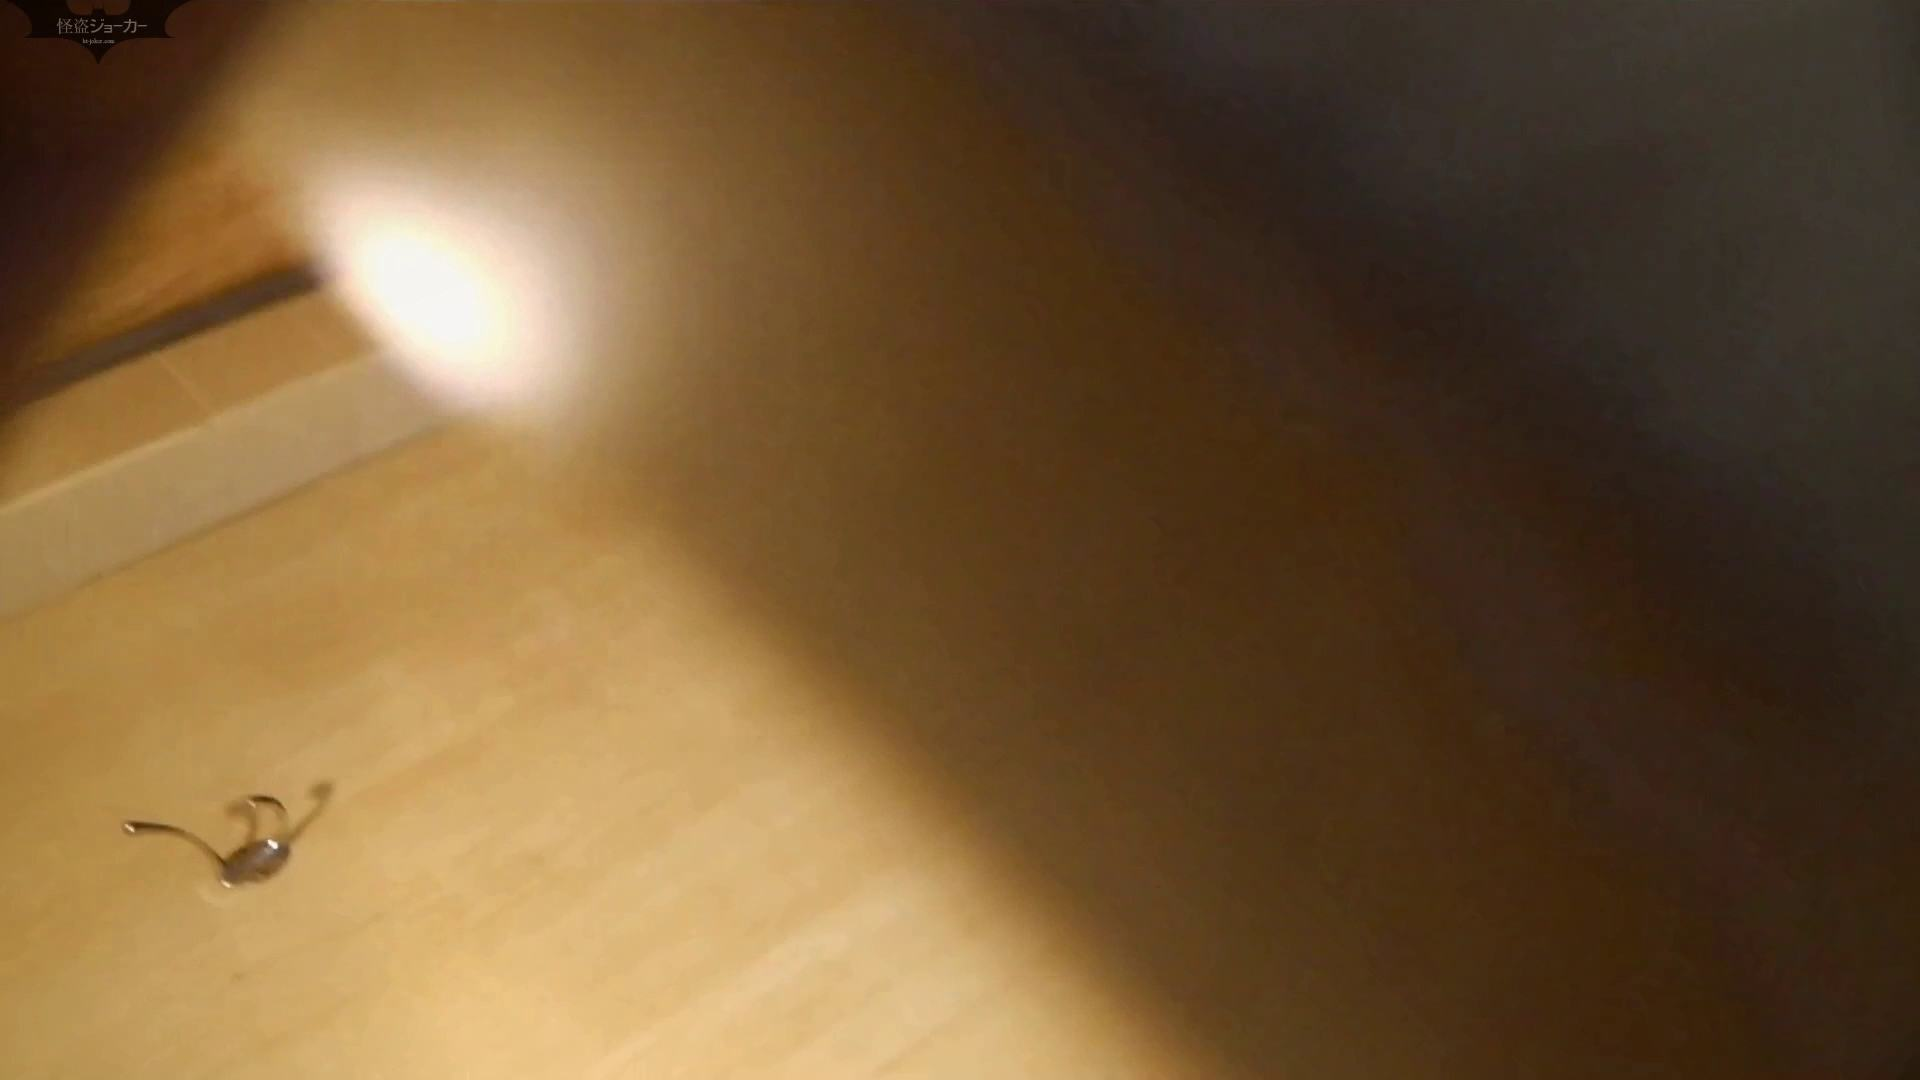 阿国ちゃんの和式洋式七変化 Vol.24 すっごくピクピクしてます。 洗面所  64PIX 21